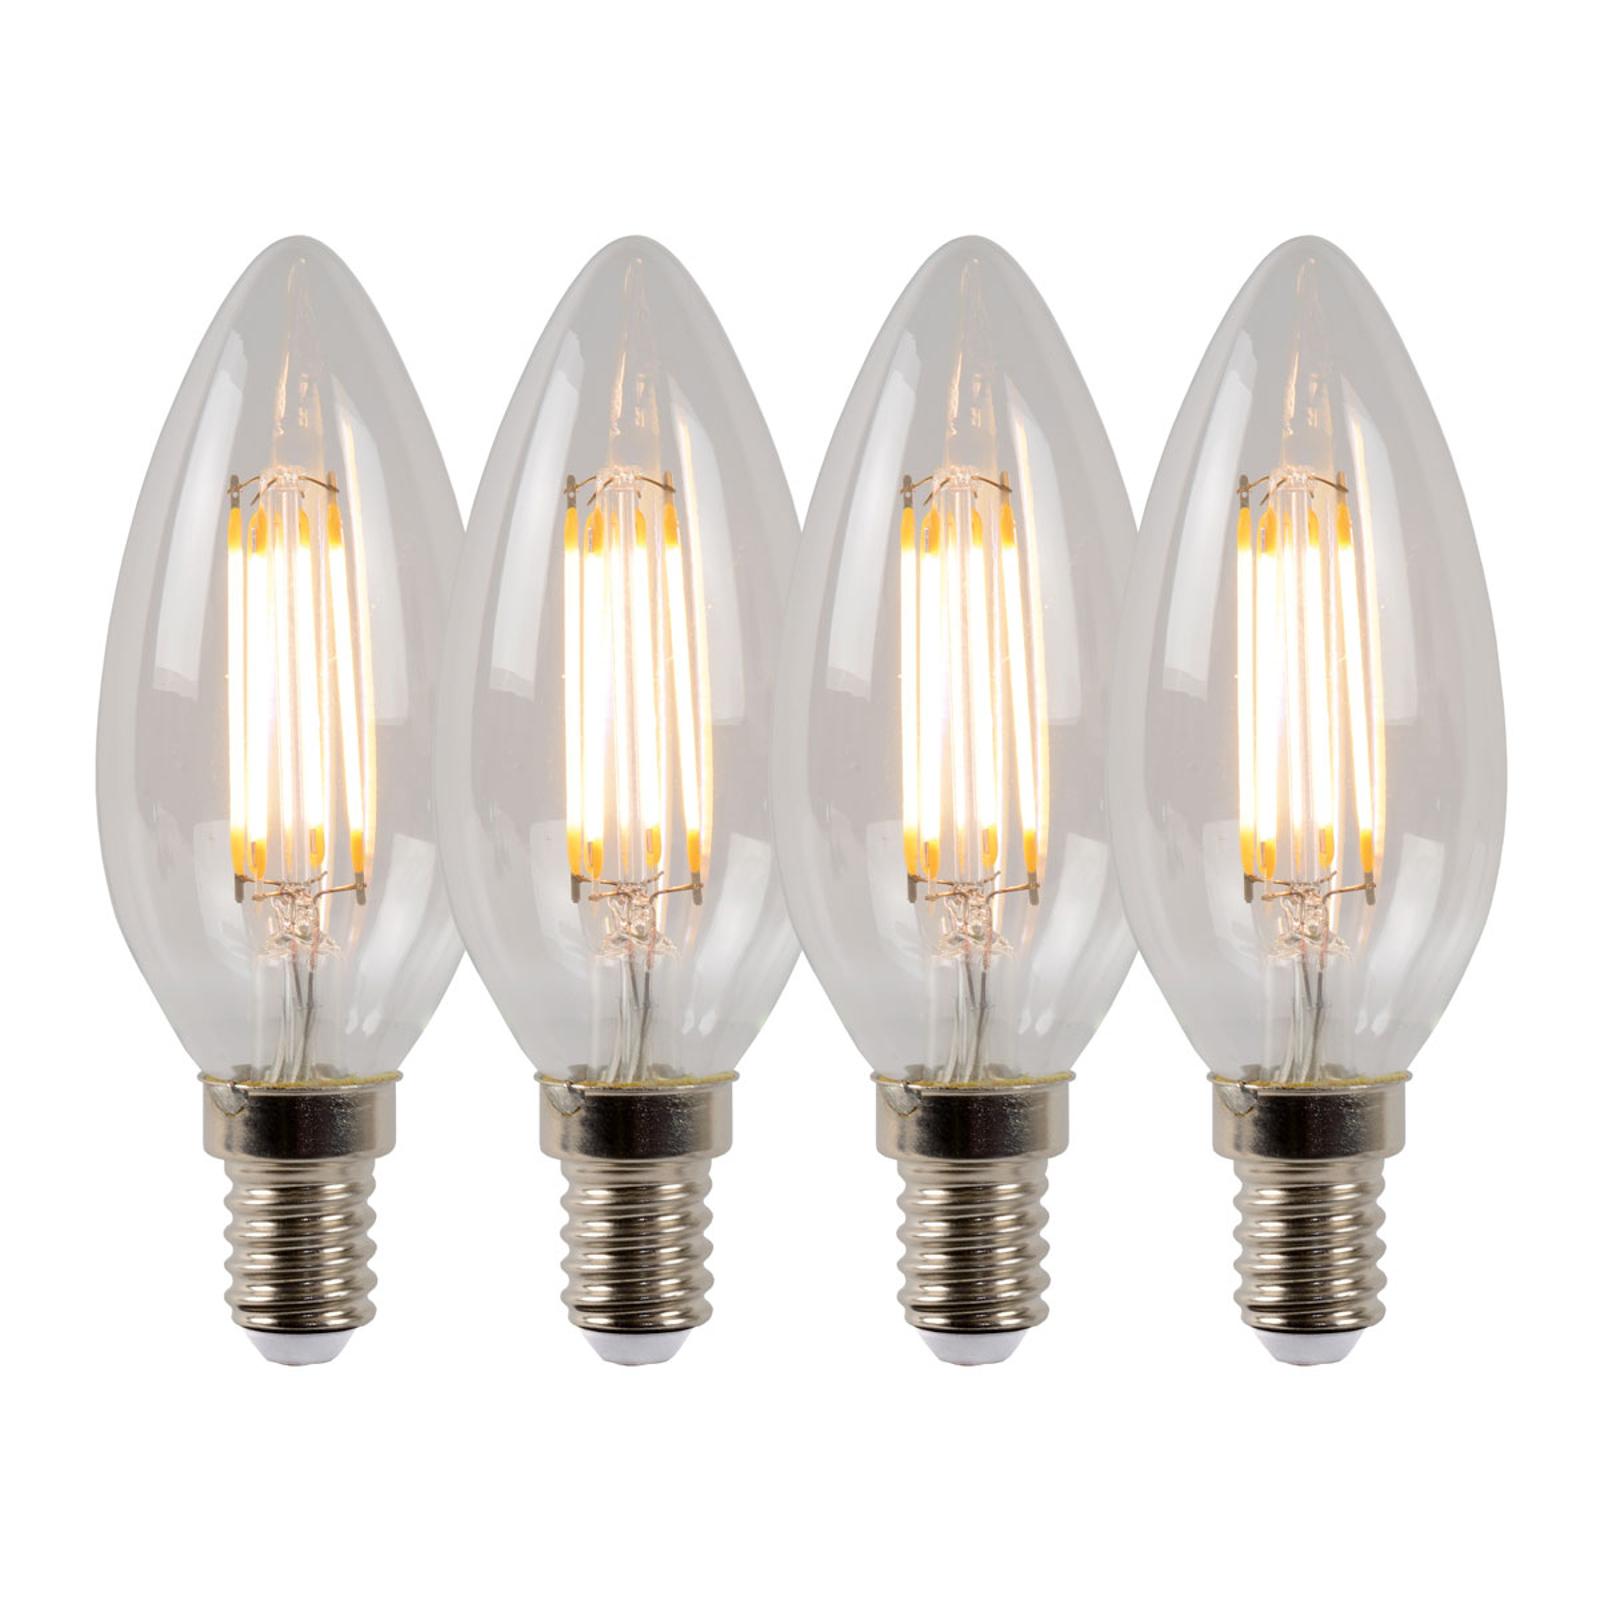 LED-kertepære E14 4W 2700K, kan dæmpes, sæt m. 4